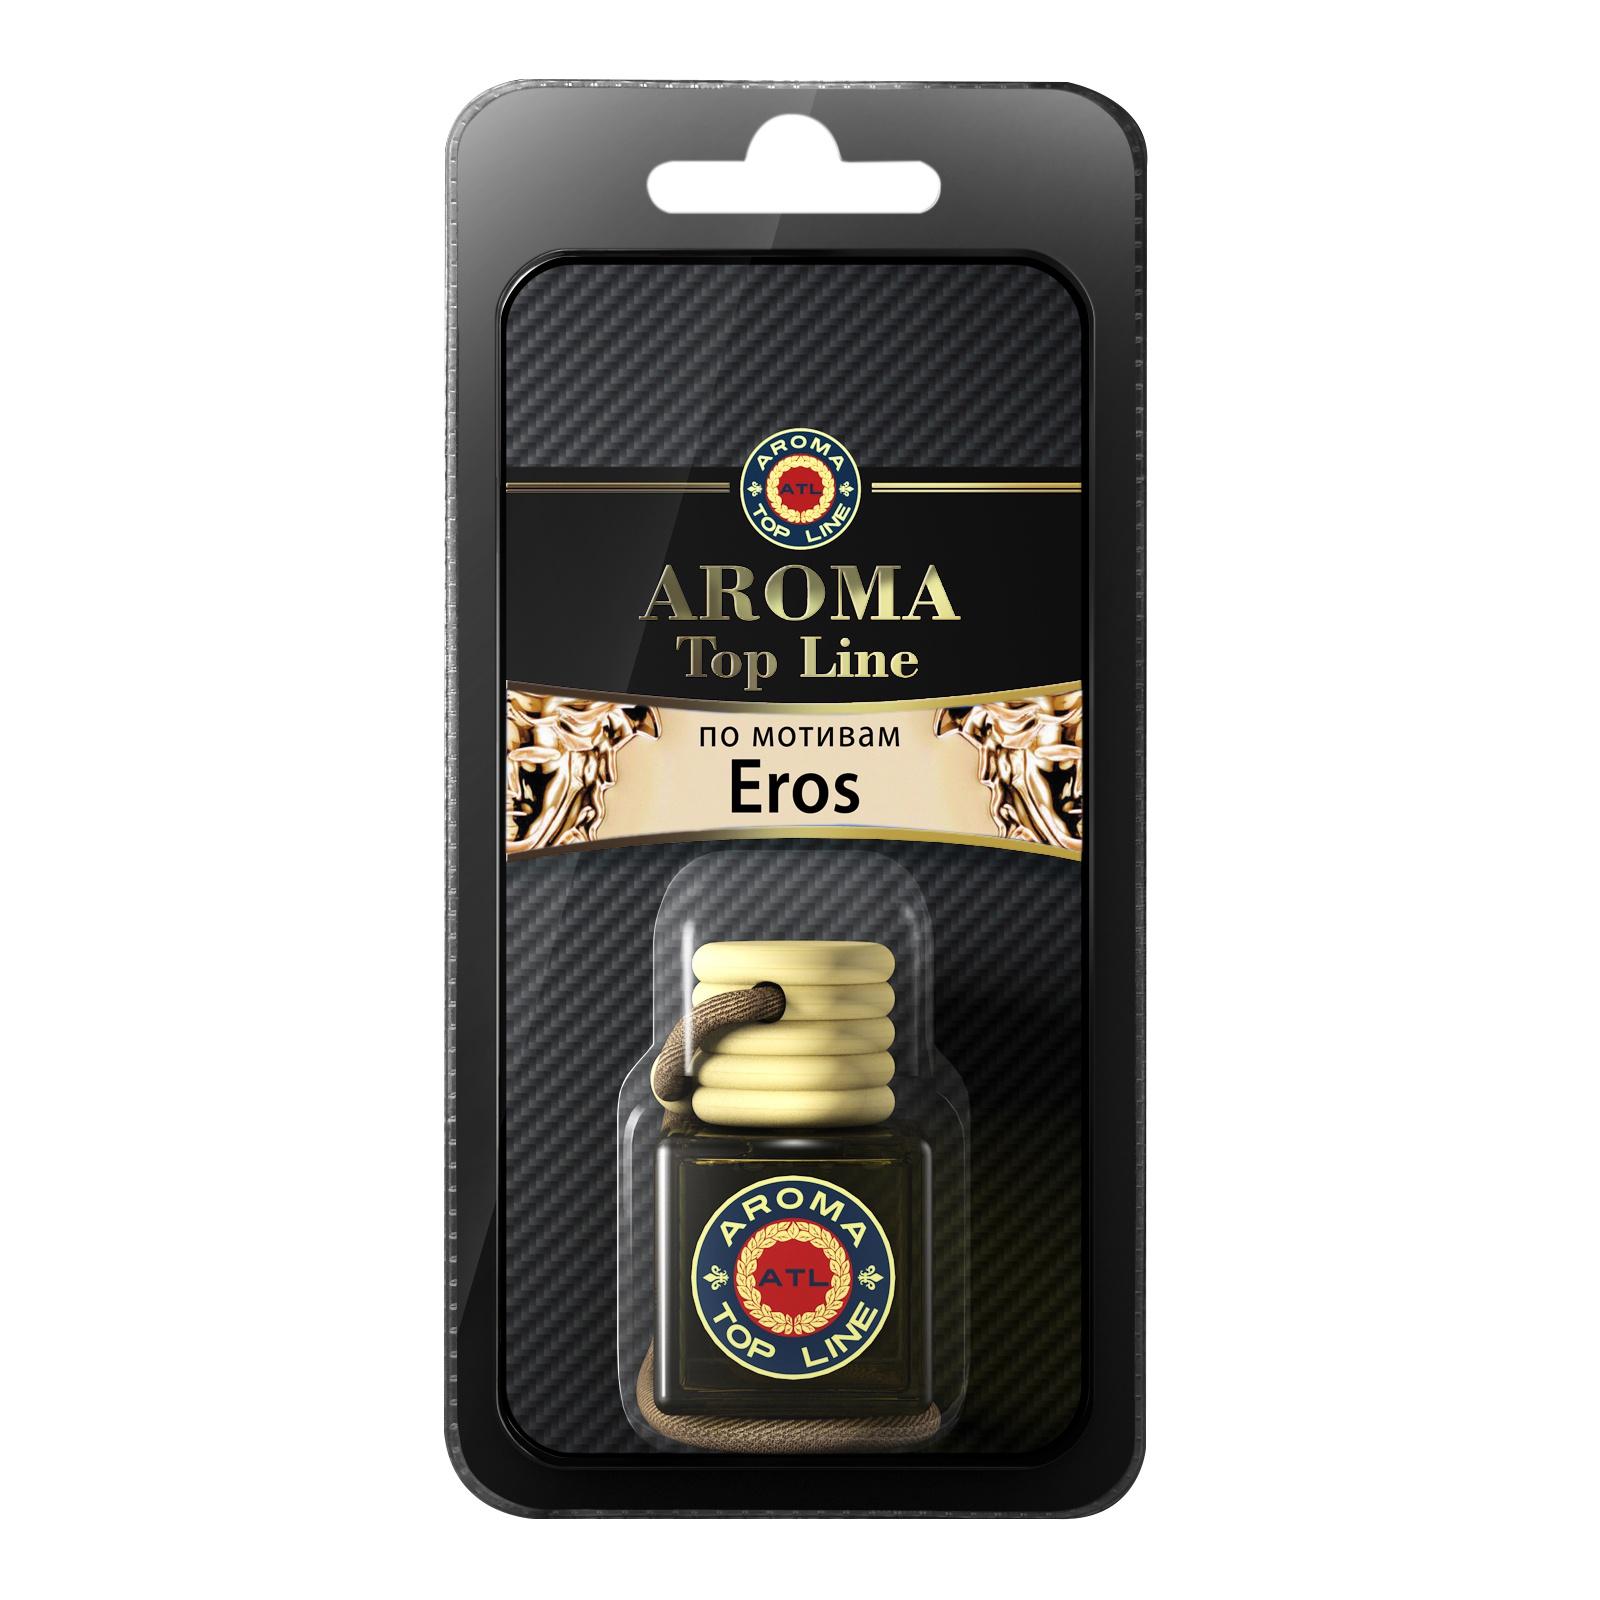 Автомобильный ароматизатор AROMA TOP LINE Ж07ф 34 Флакон 6ml Versace Eros woman автомобильный ароматизатор golden snail aroma football ванильный крем